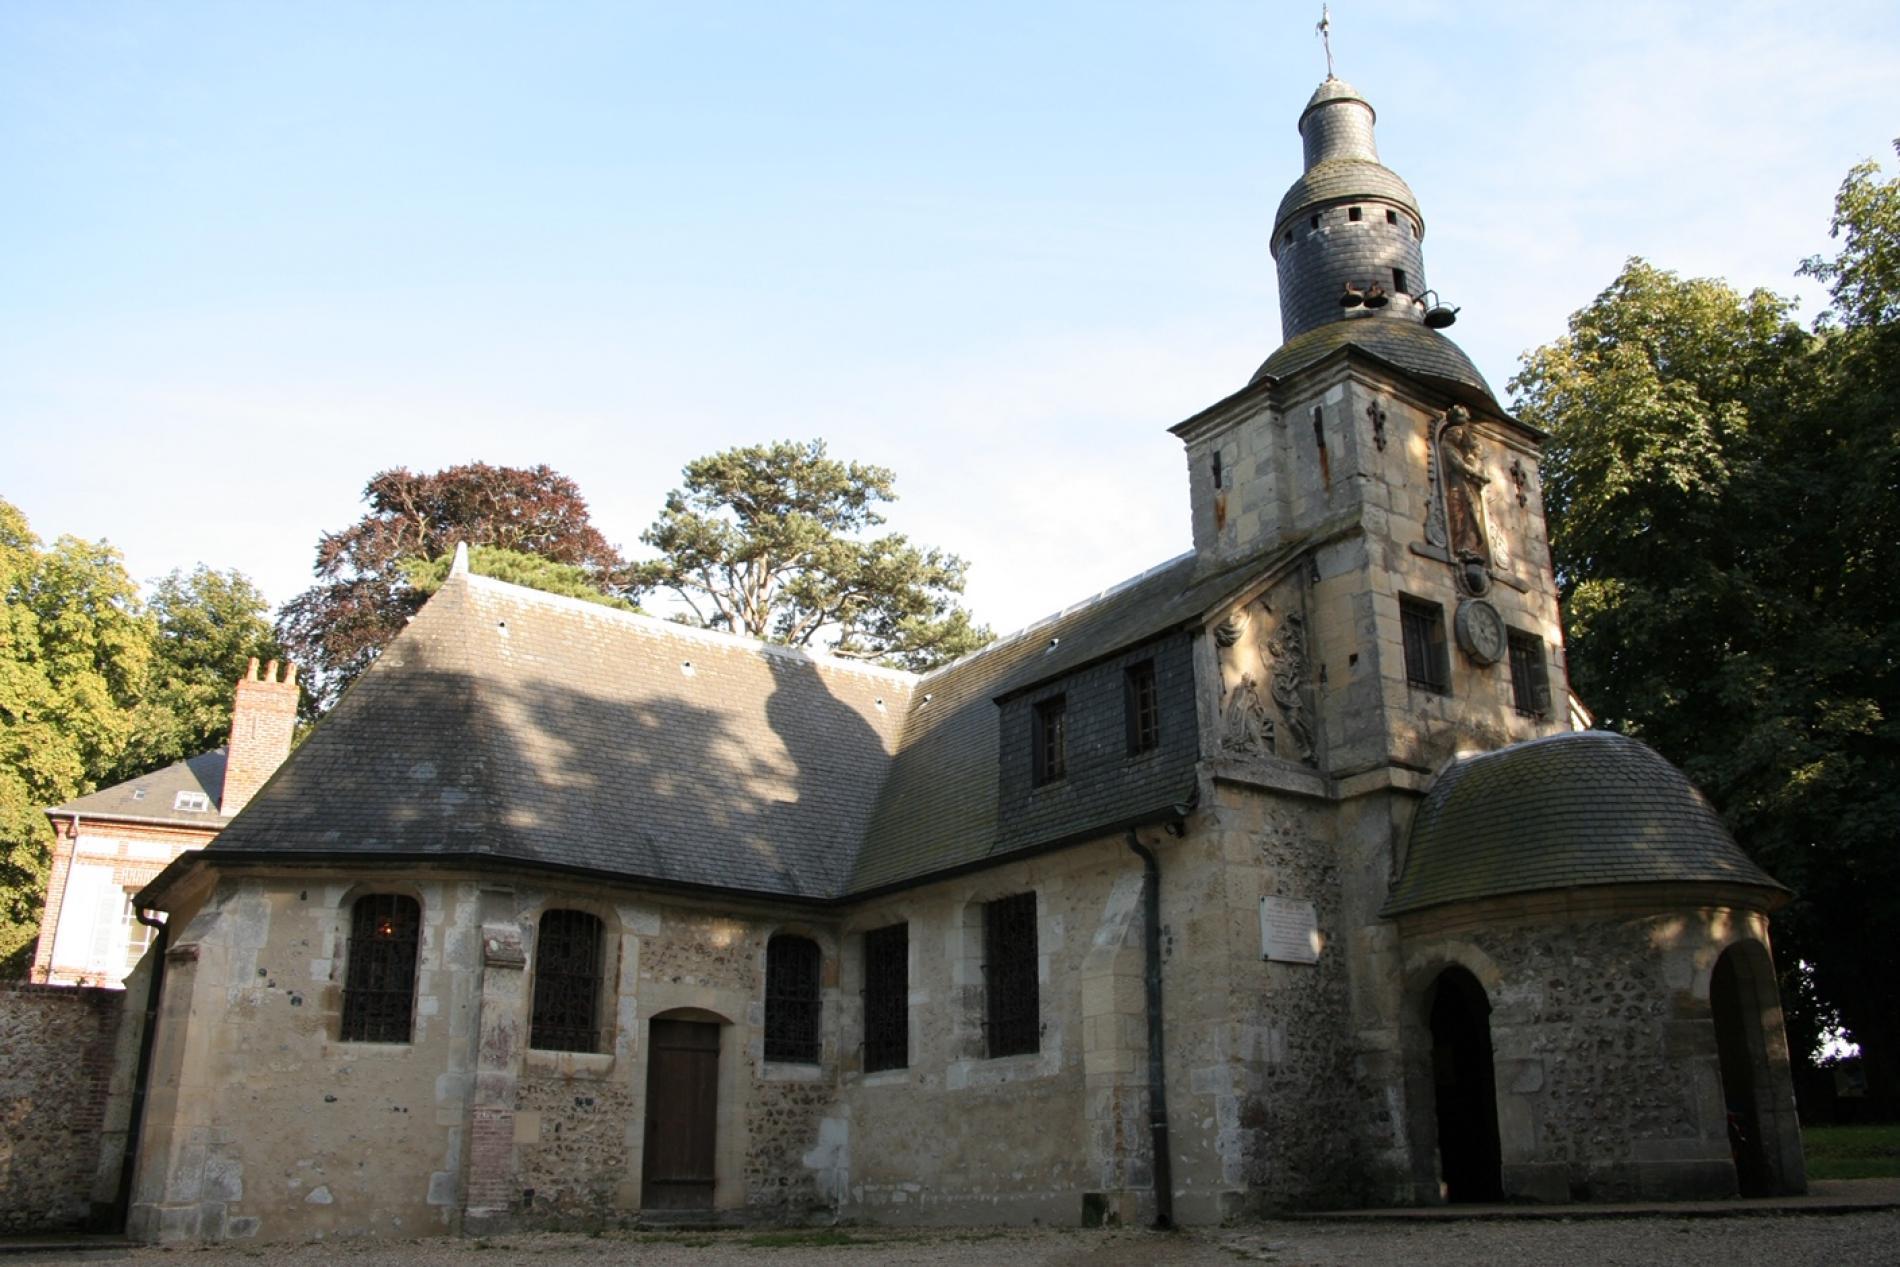 L'église Notre Dame de Grâce